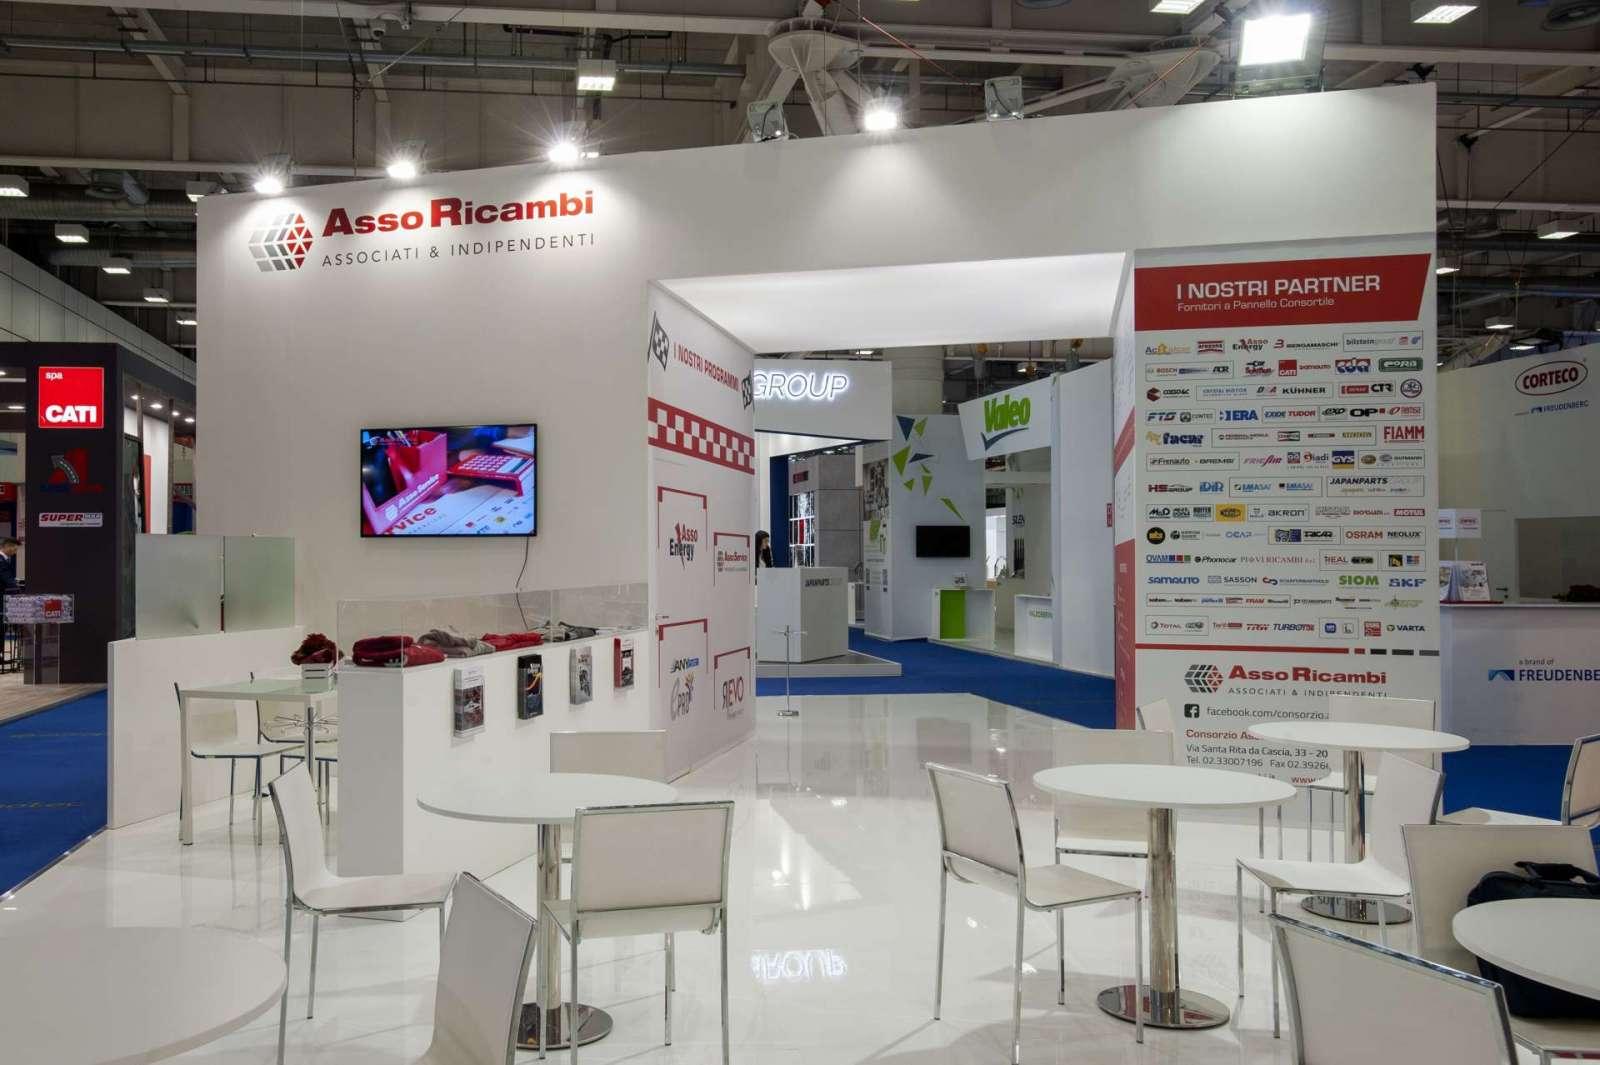 Interno stand personalizzato AssoRicambi - Foto 2